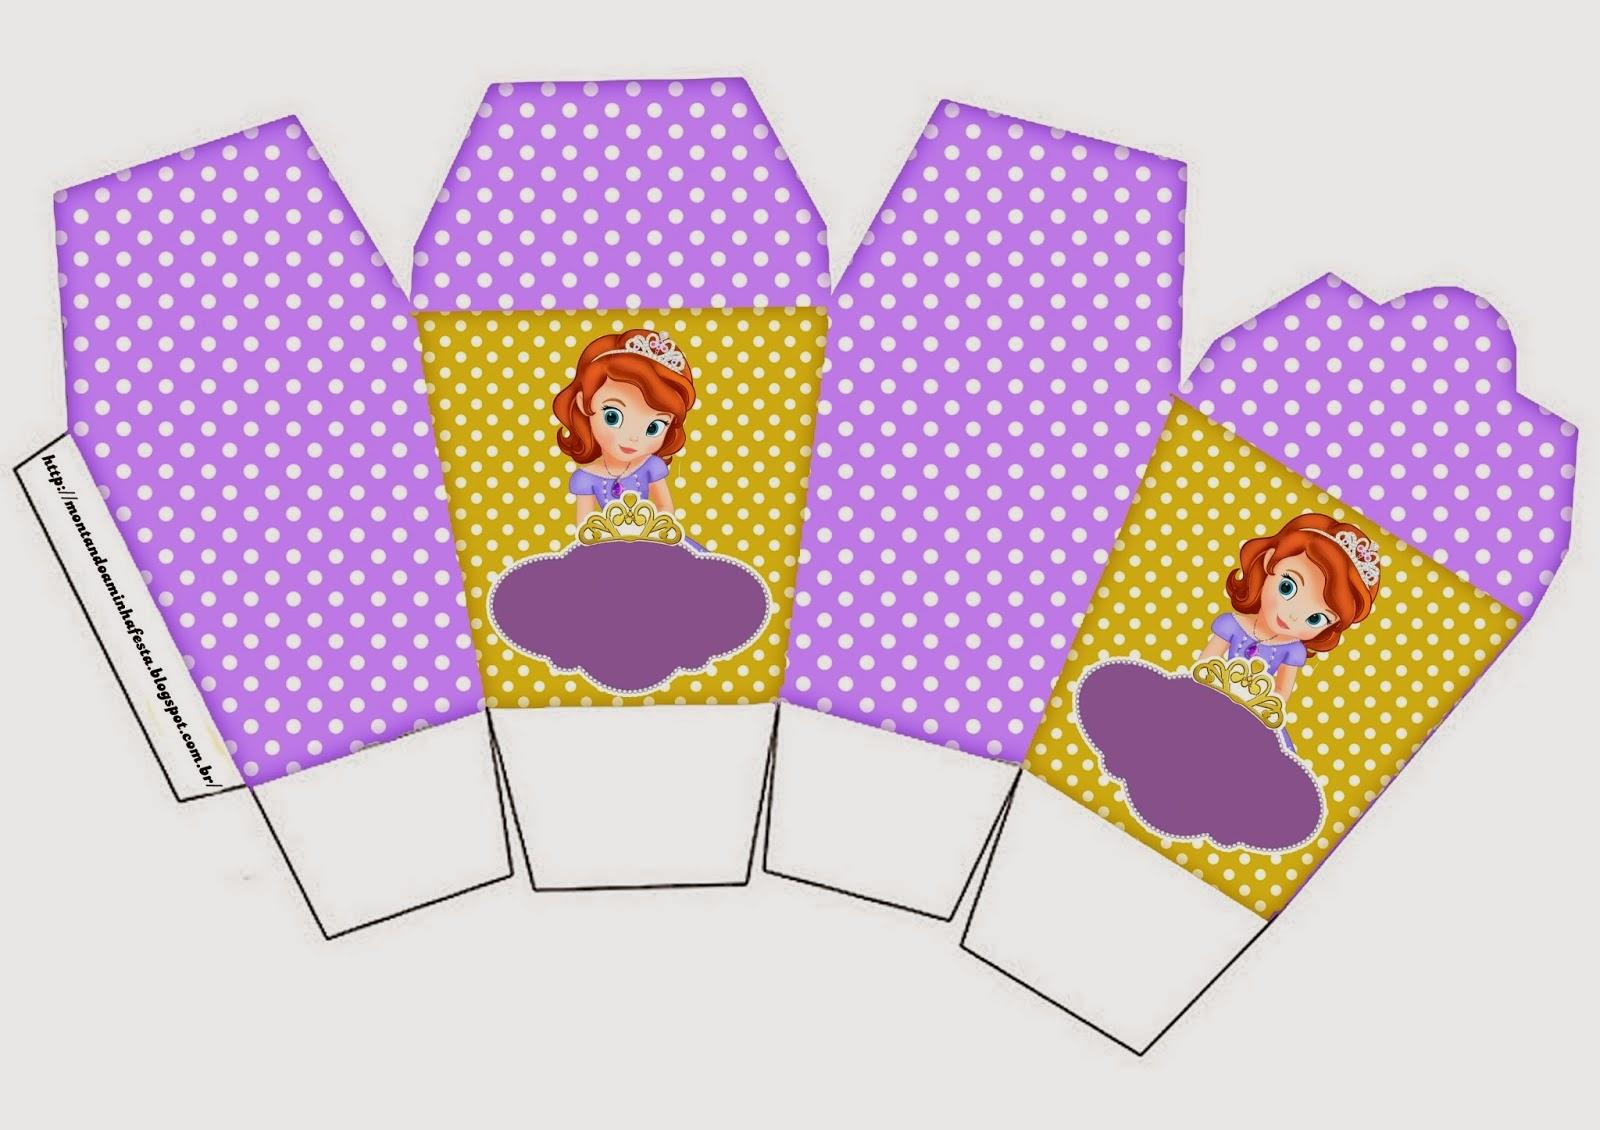 Fiesta de Princesa Sofía: Cajas para Imprimir Gratis. | Ideas y ...